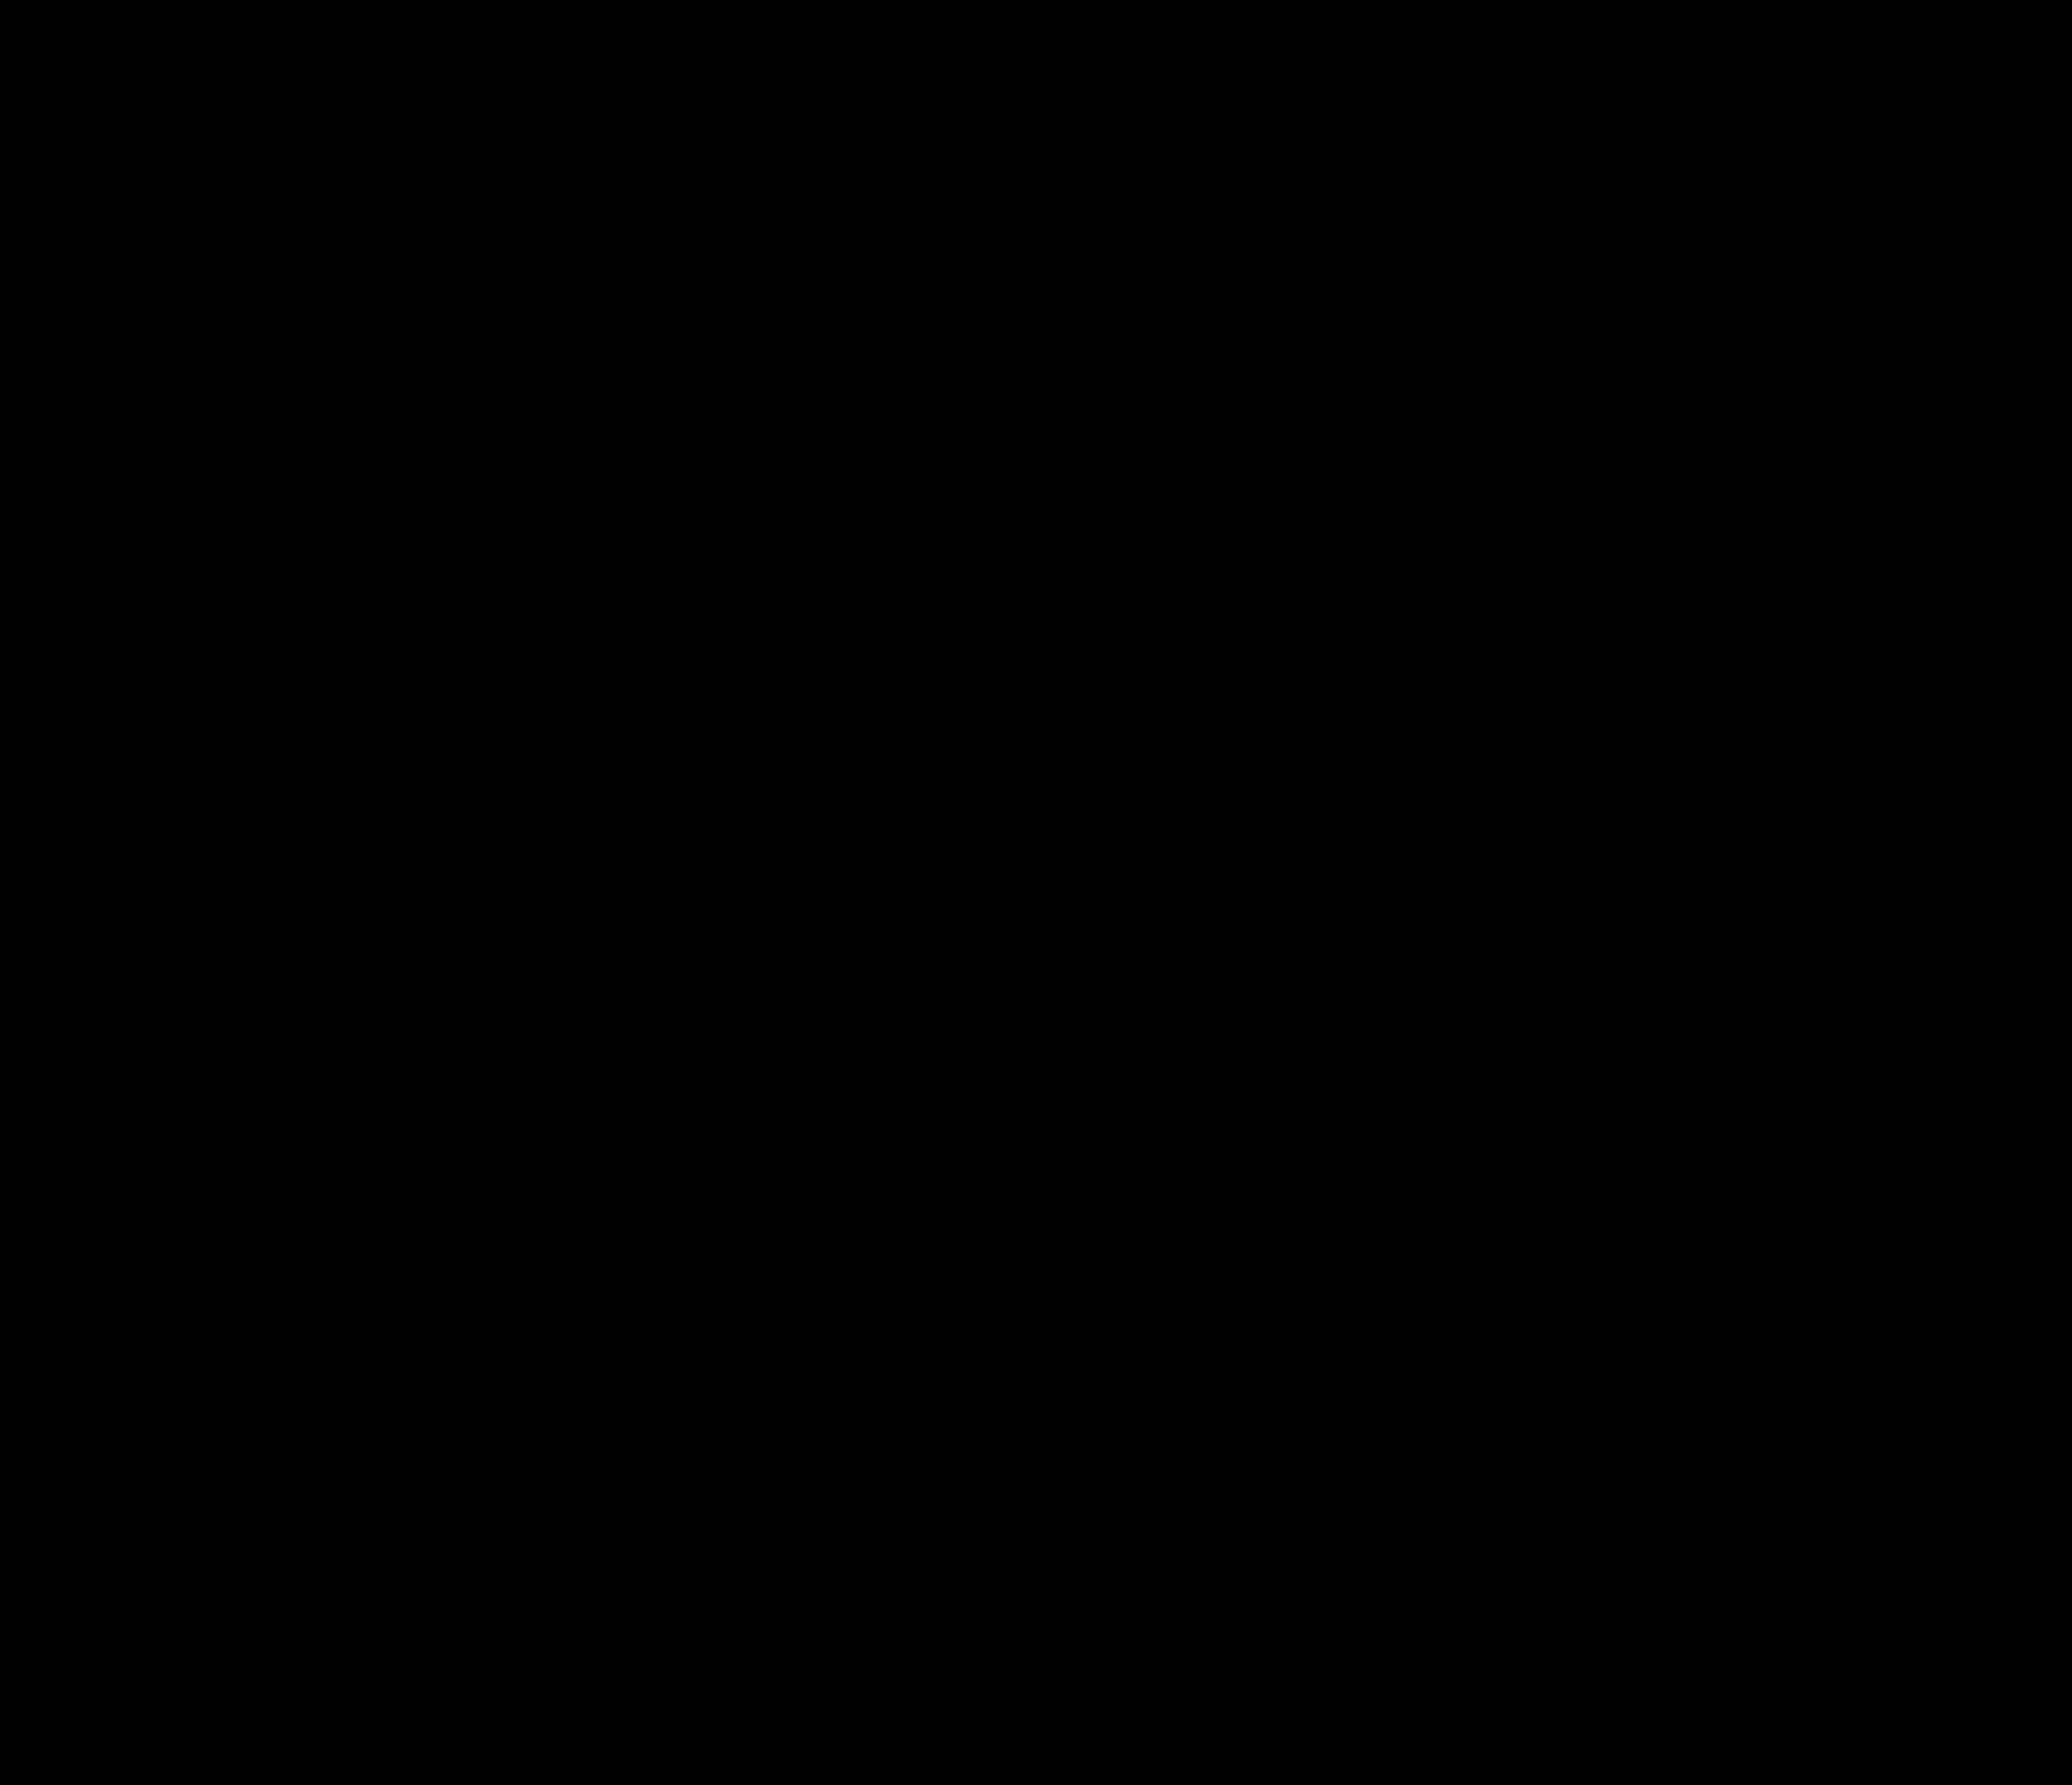 Plankton Clipart Silhouette.